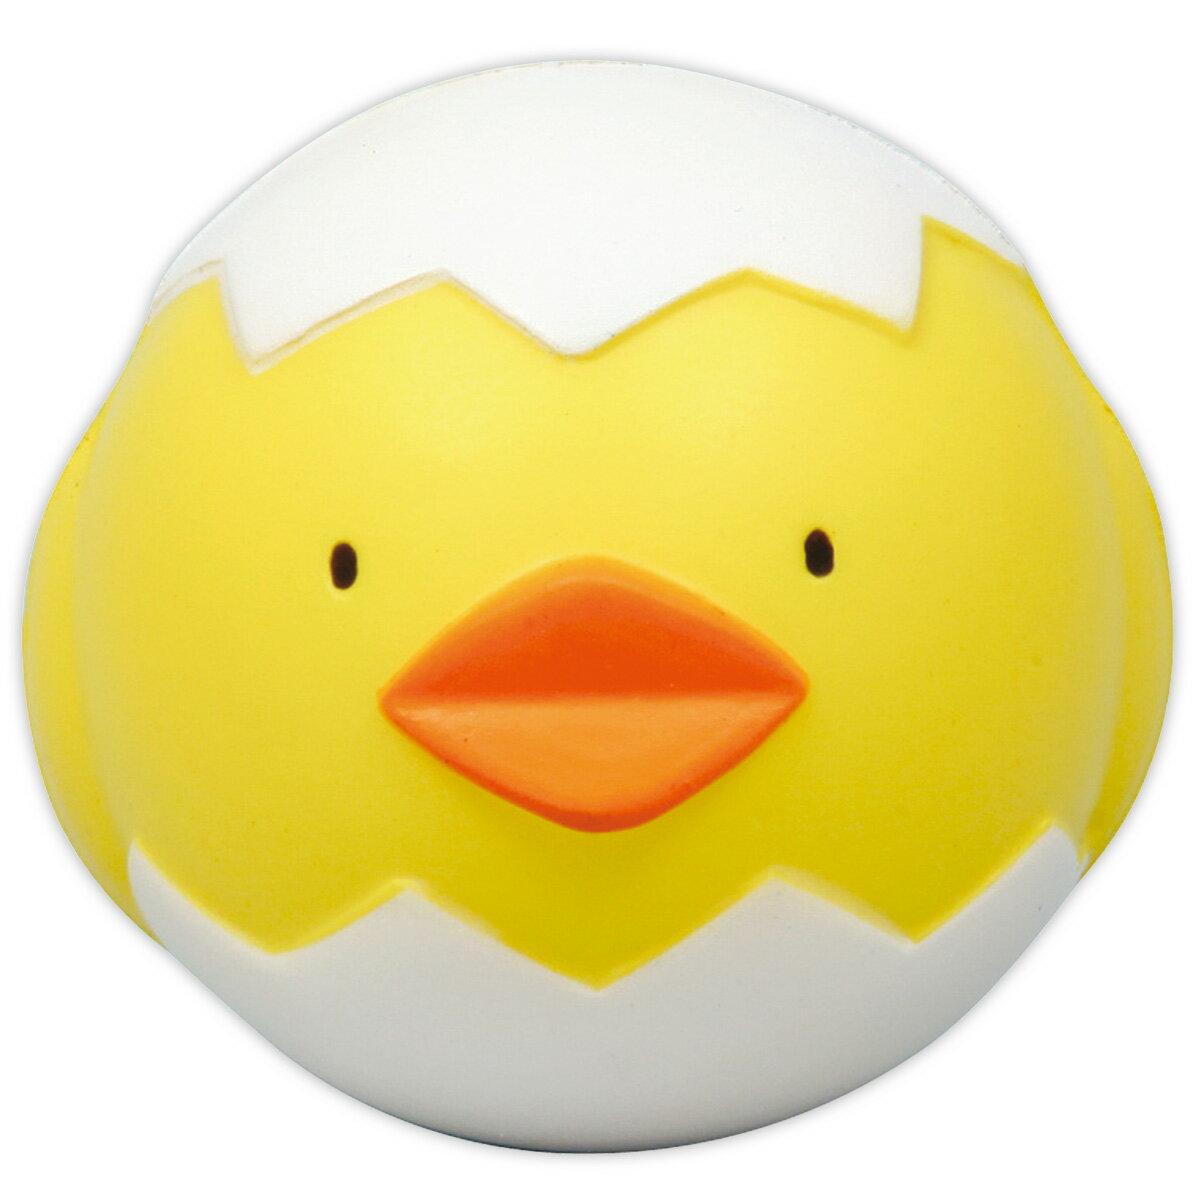 ボール やわらかひよこボール 【知育玩具 2歳 3歳 4歳 5歳 6歳 幼児 ボール かわいい おもちゃ キッズ用品】